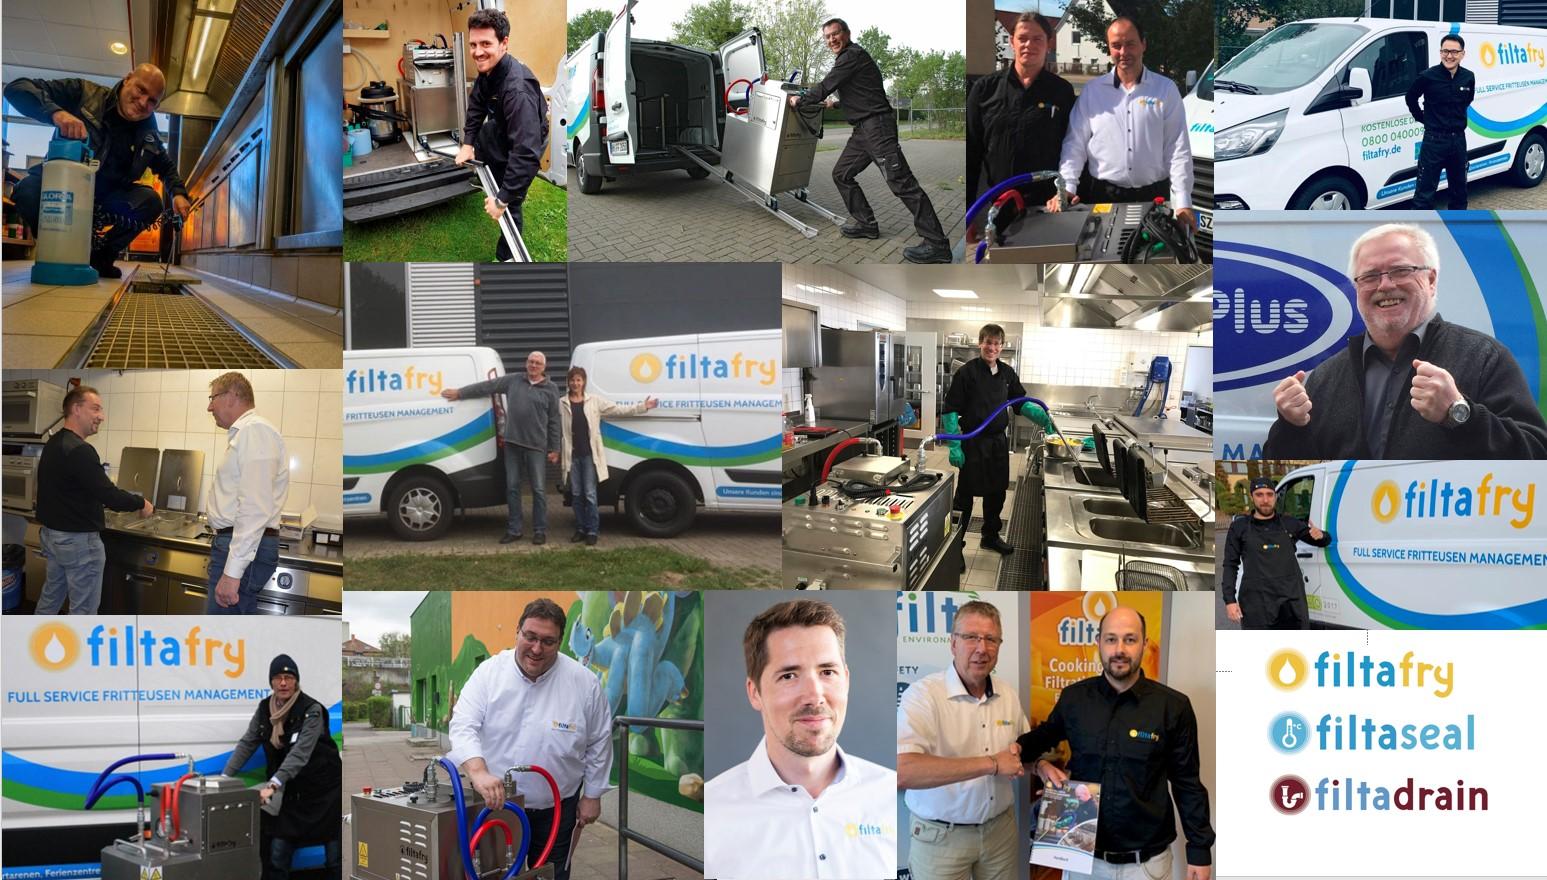 Fritteusenservice FiltaFry gibt es jetzt an acht weiteren Standorten und mit neuen mobilen Services für Gastronomie und